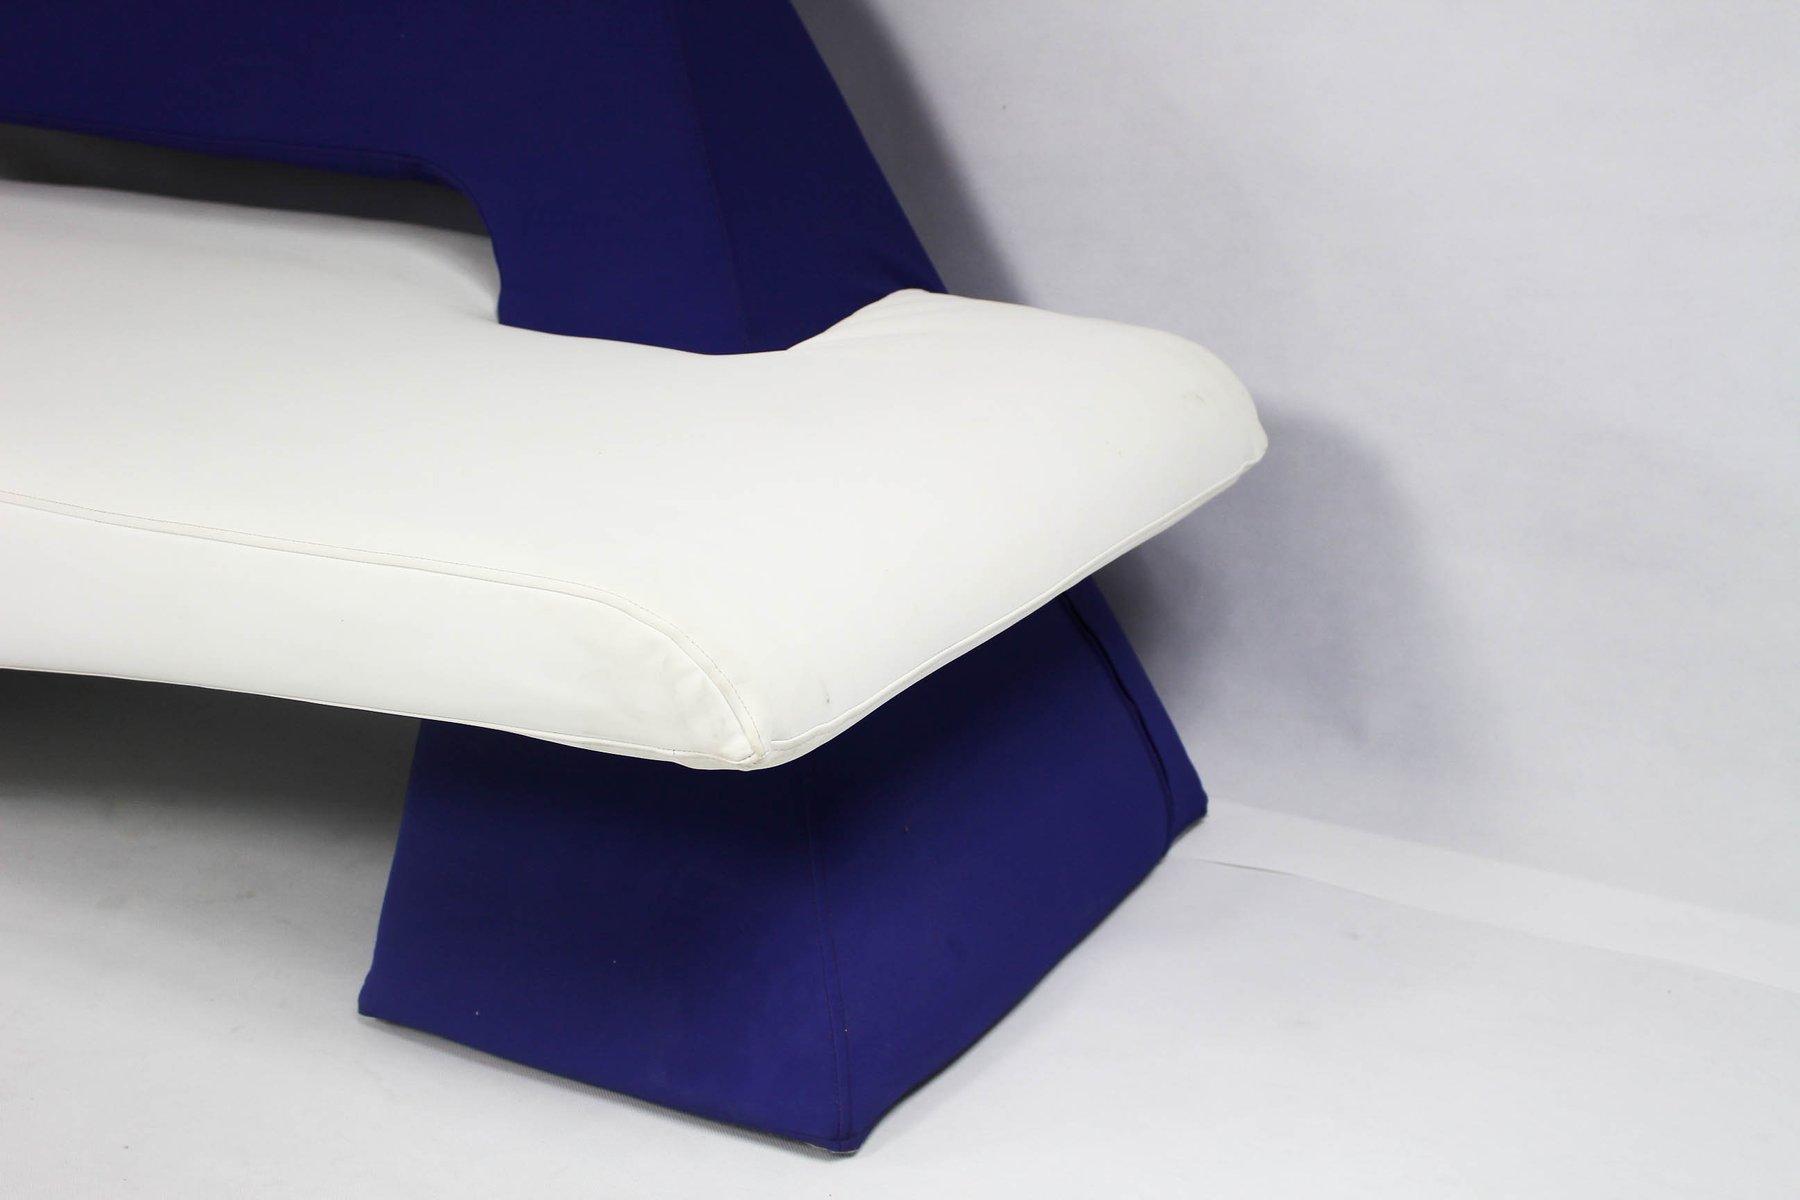 Karim Rashid Furniture Danish Pierce Sofa By Karim Rashid For Softline For Sale At Pamono